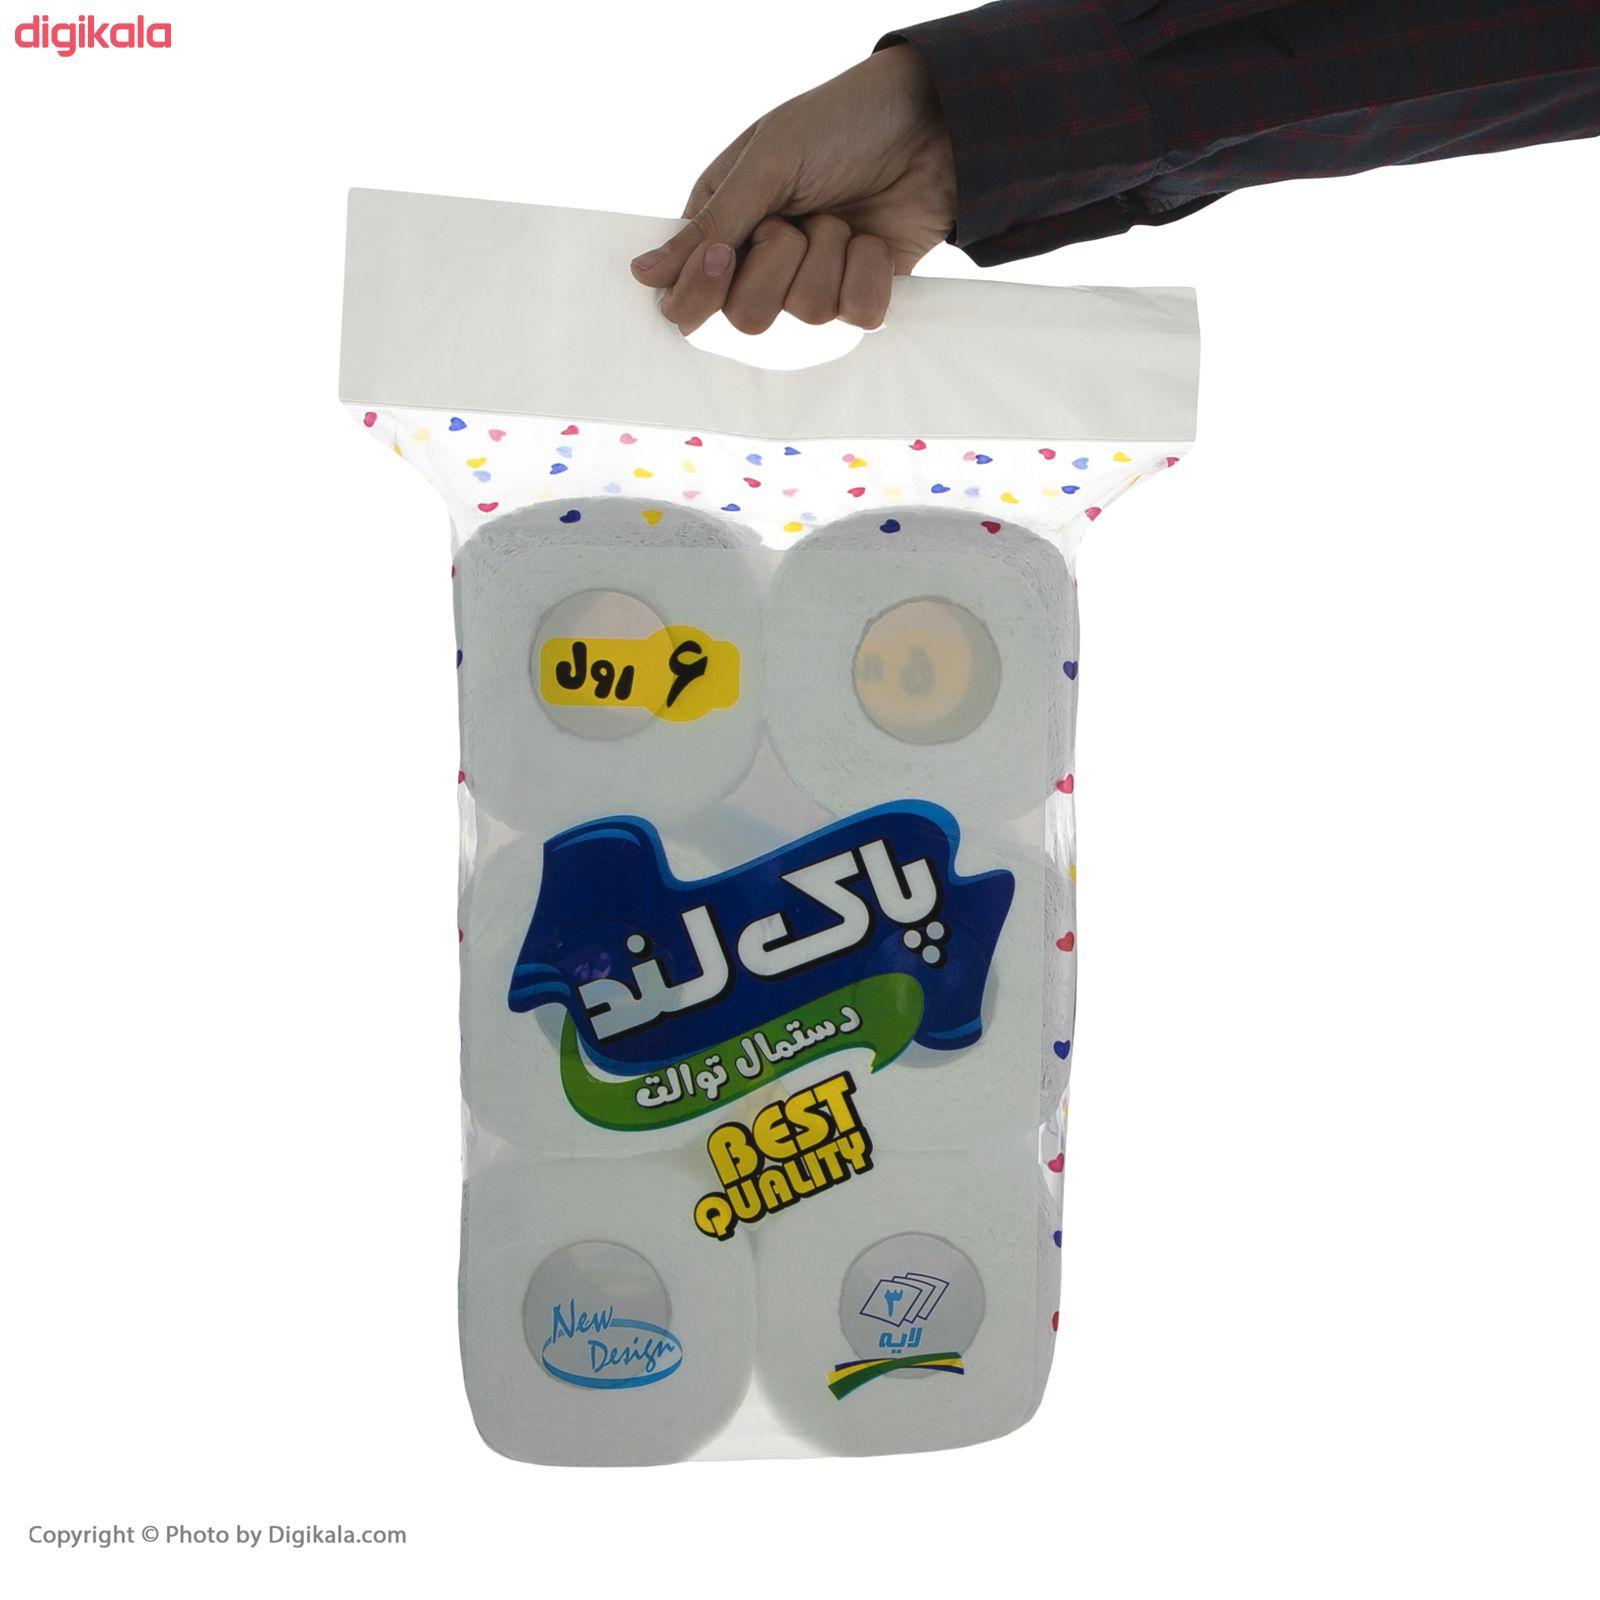 دستمال توالت پاکلند مدل Heart بسته 6 عددی main 1 3